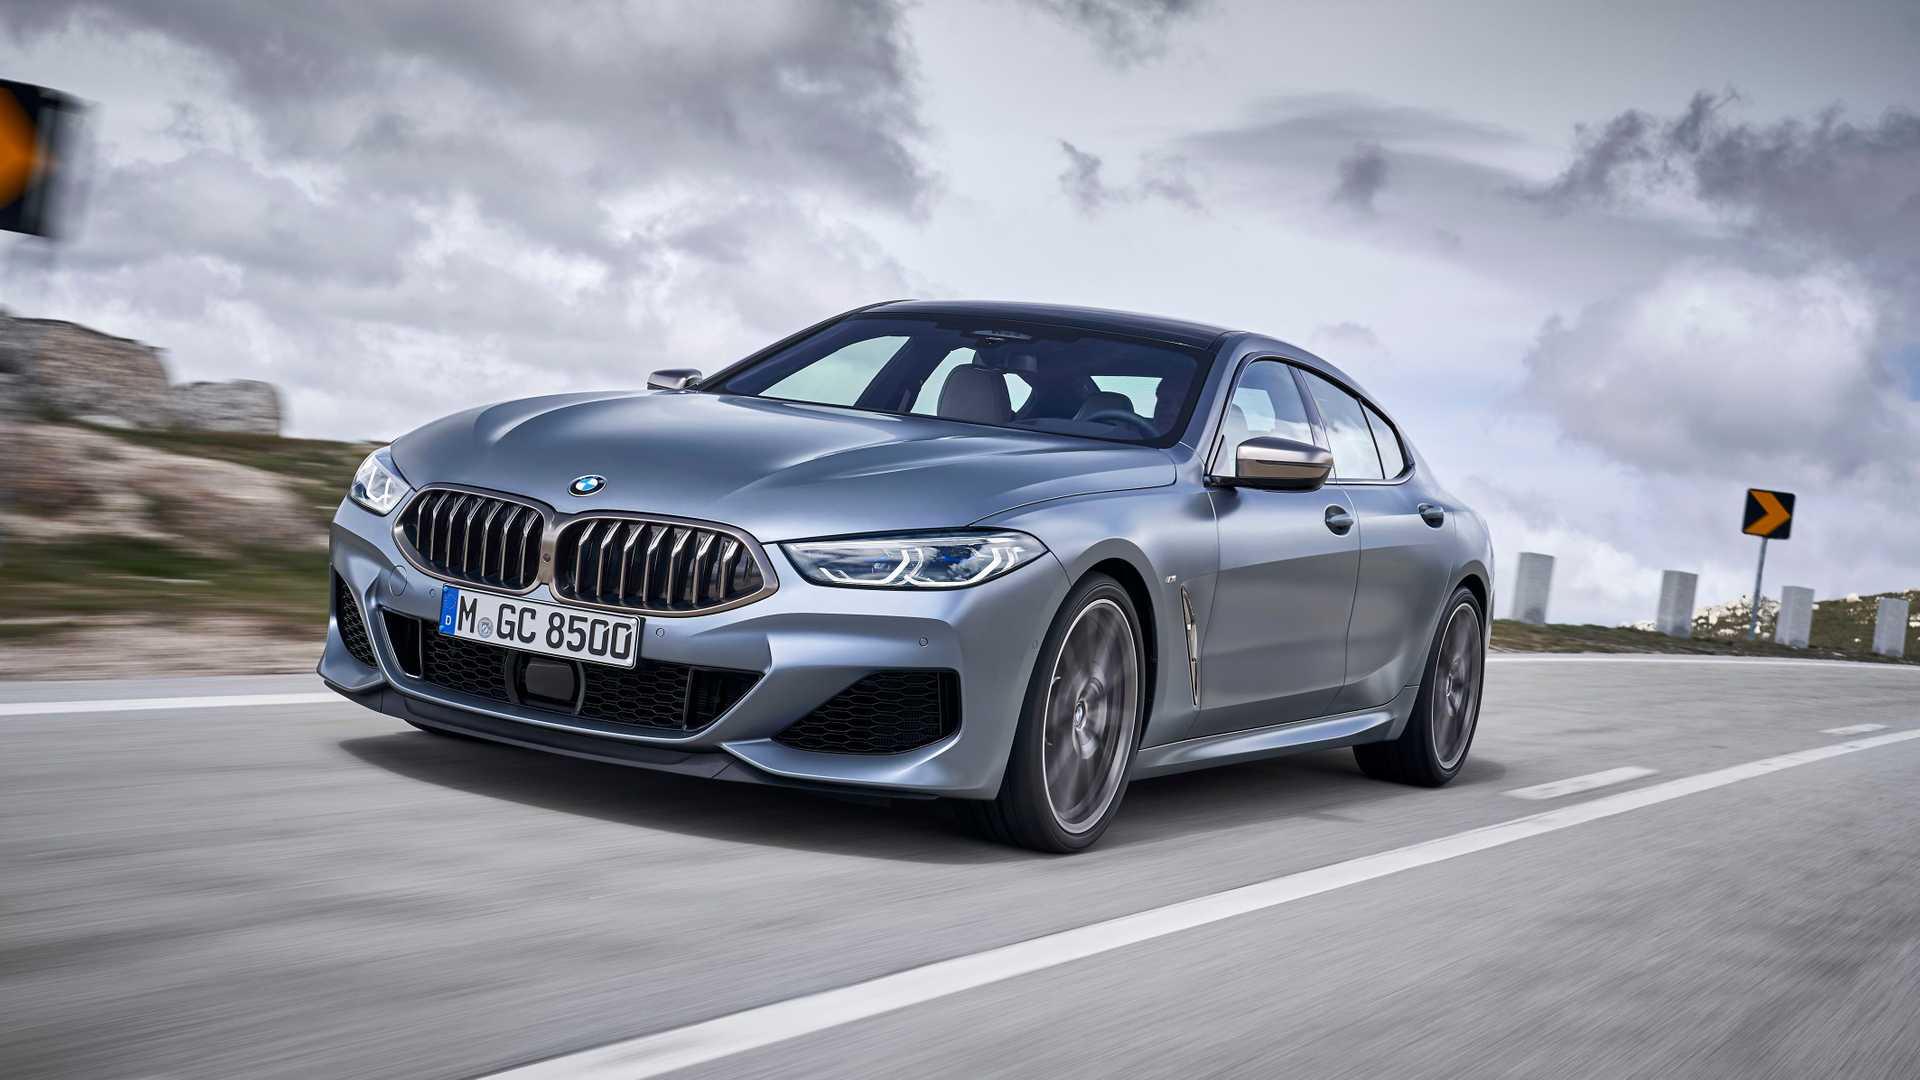 Premijera – BMW Serije 8 Gran Coupe (GALERIJA)